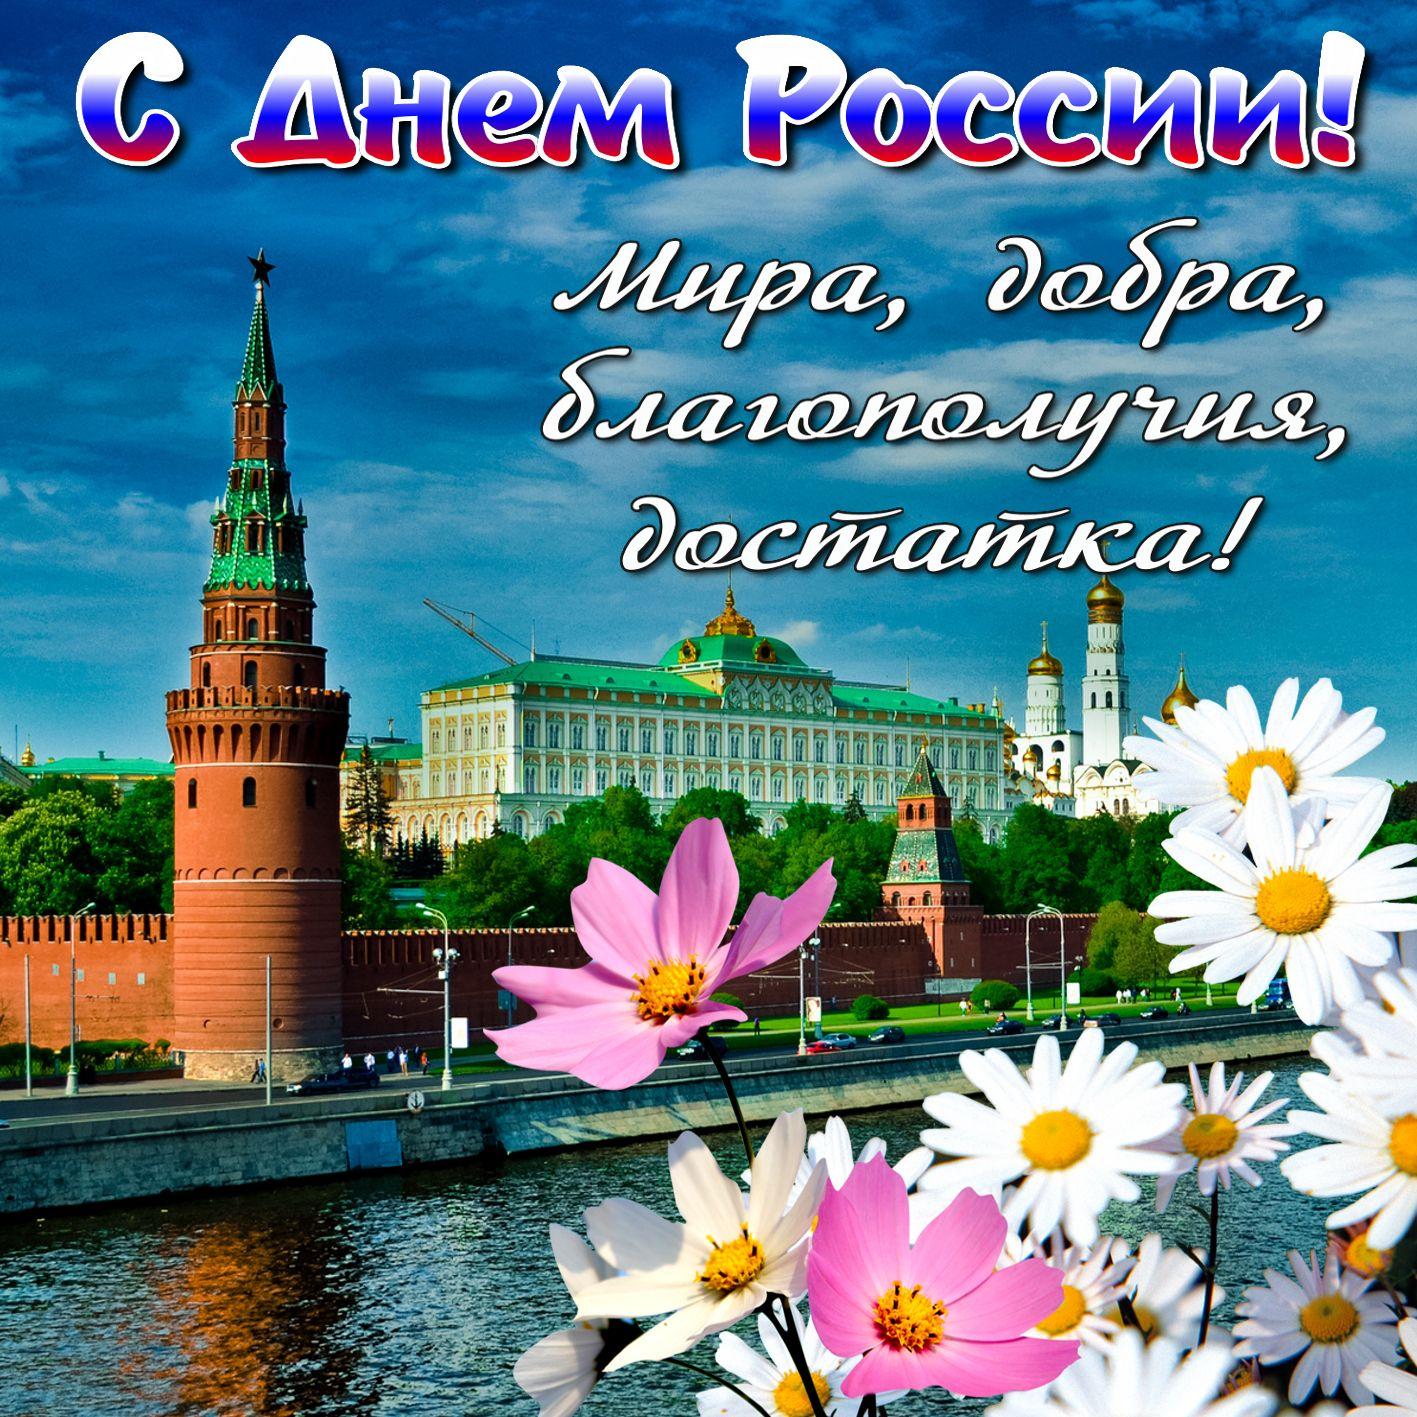 Поздравление с днем россии в прозе официальное фото 479